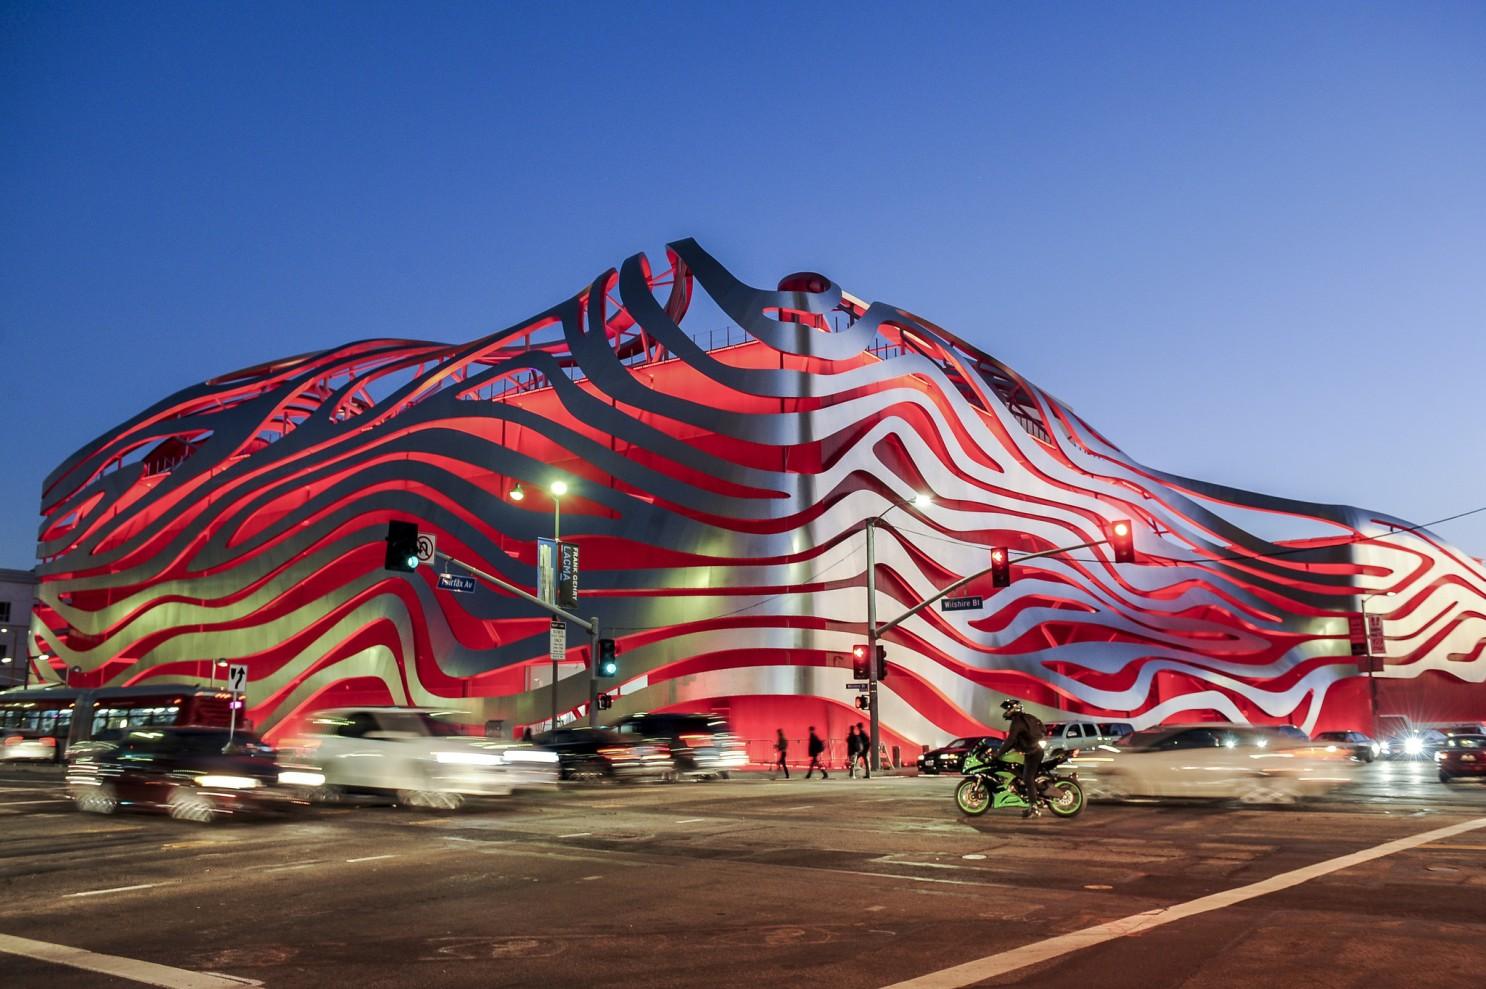 洛杉矶县立美术馆呼吁加州政府允许博物馆重启